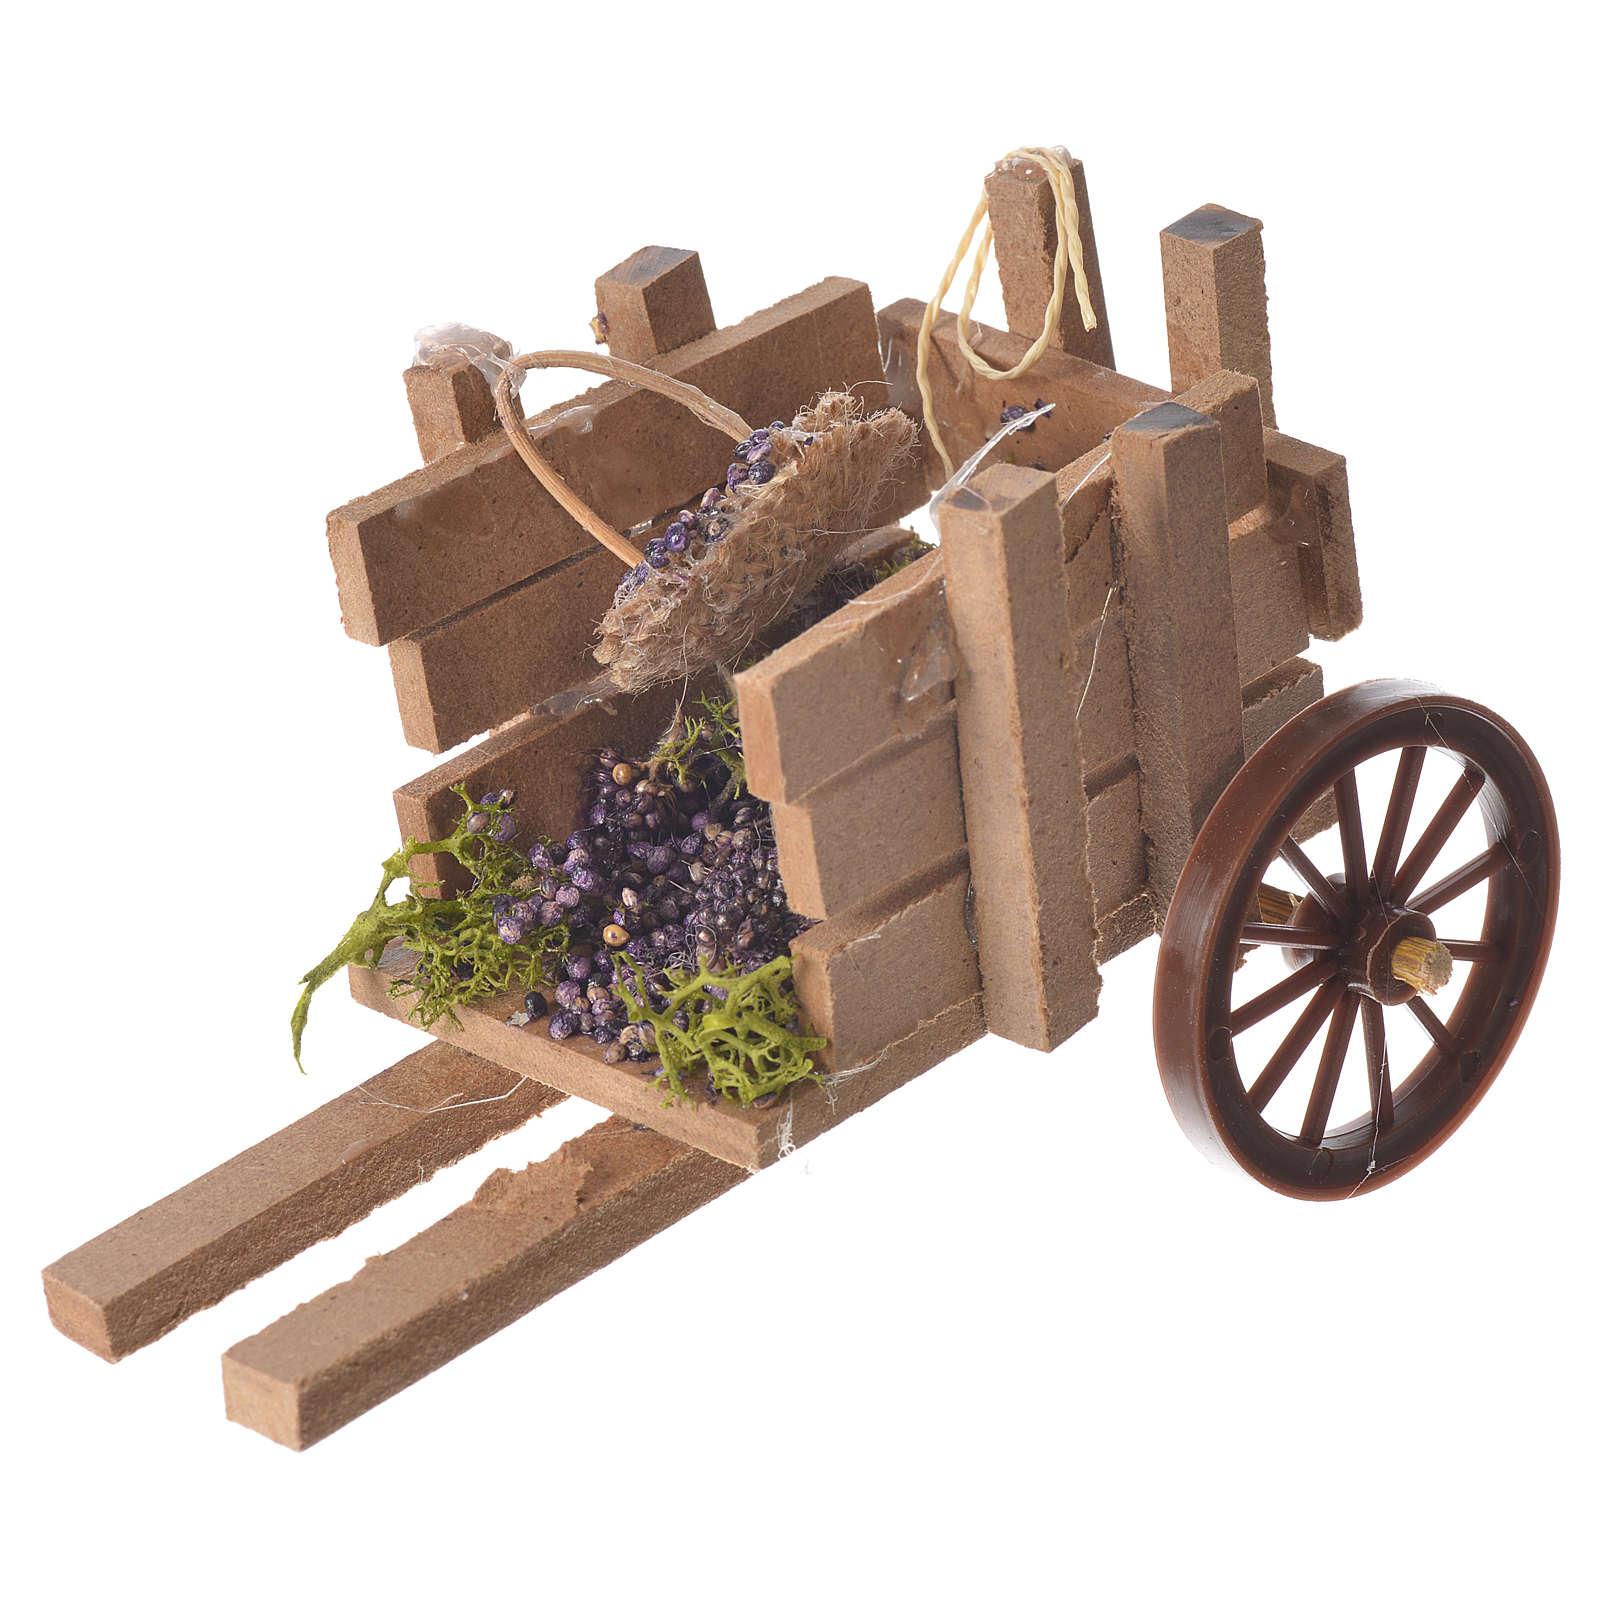 Carretto con uva cera presepe 10x12x8 cm 4